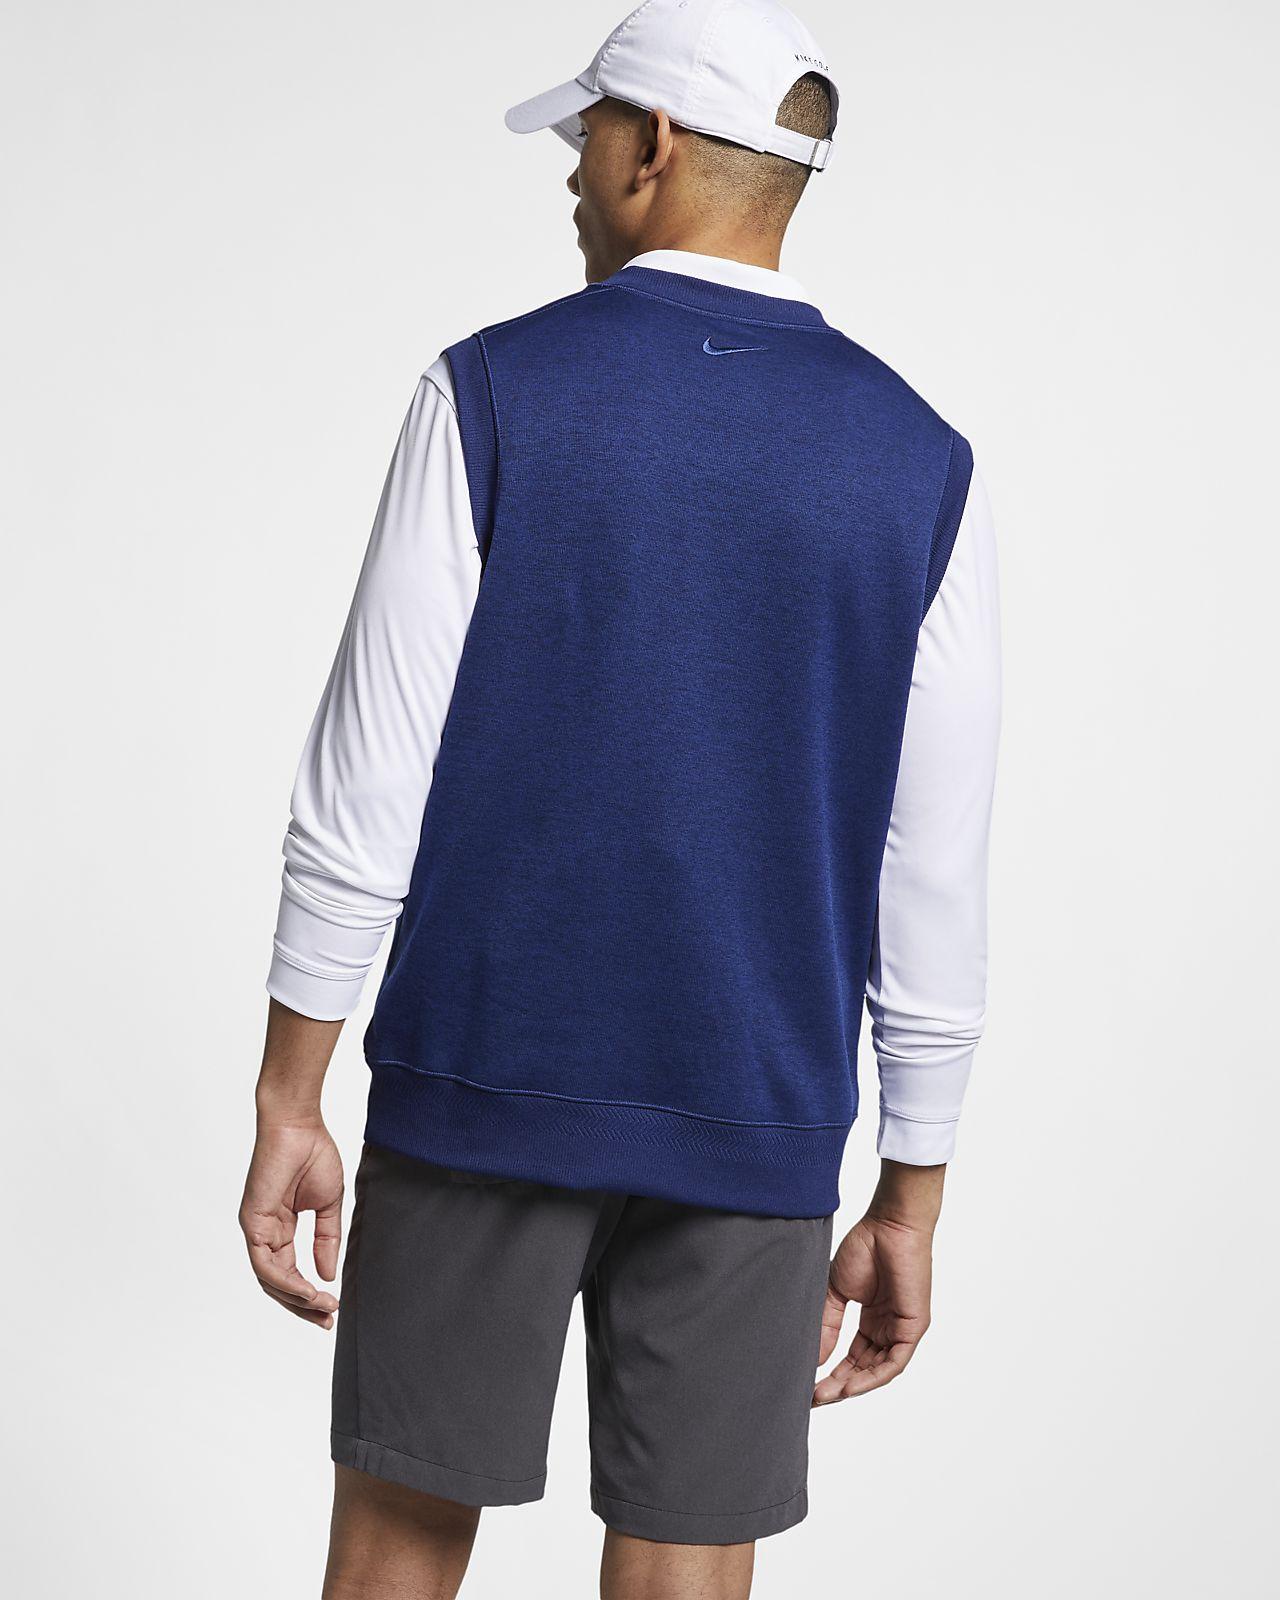 1b17cde4f Nike Dri-FIT Men's Golf Sweater Vest. Nike.com